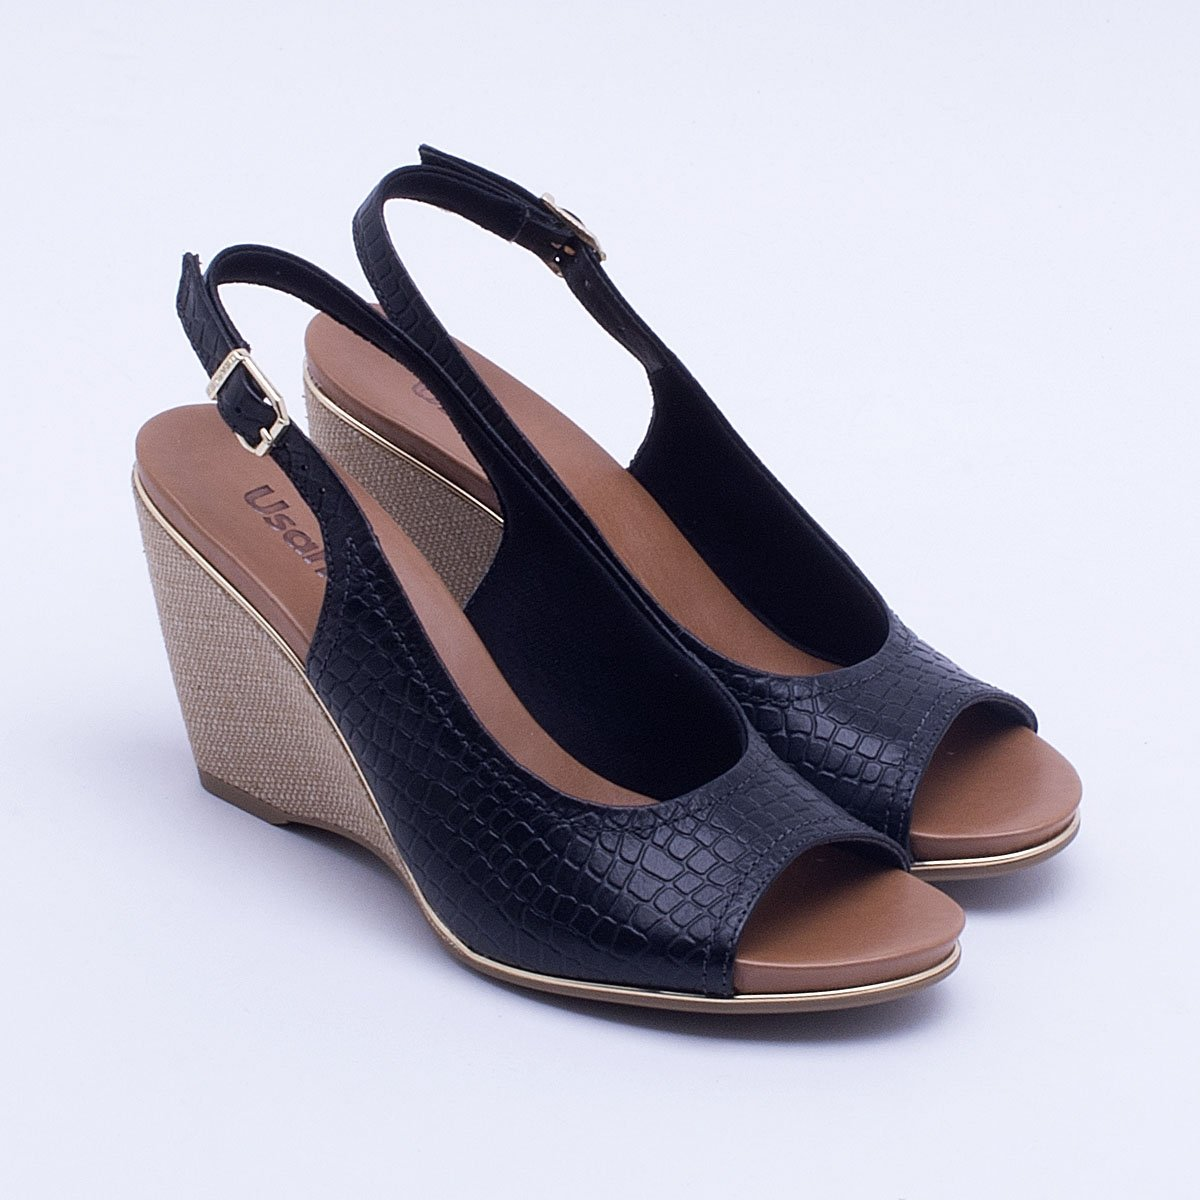 efeab70e1 Sandália Anabela Usaflex Croco - Compre Agora | Netshoes